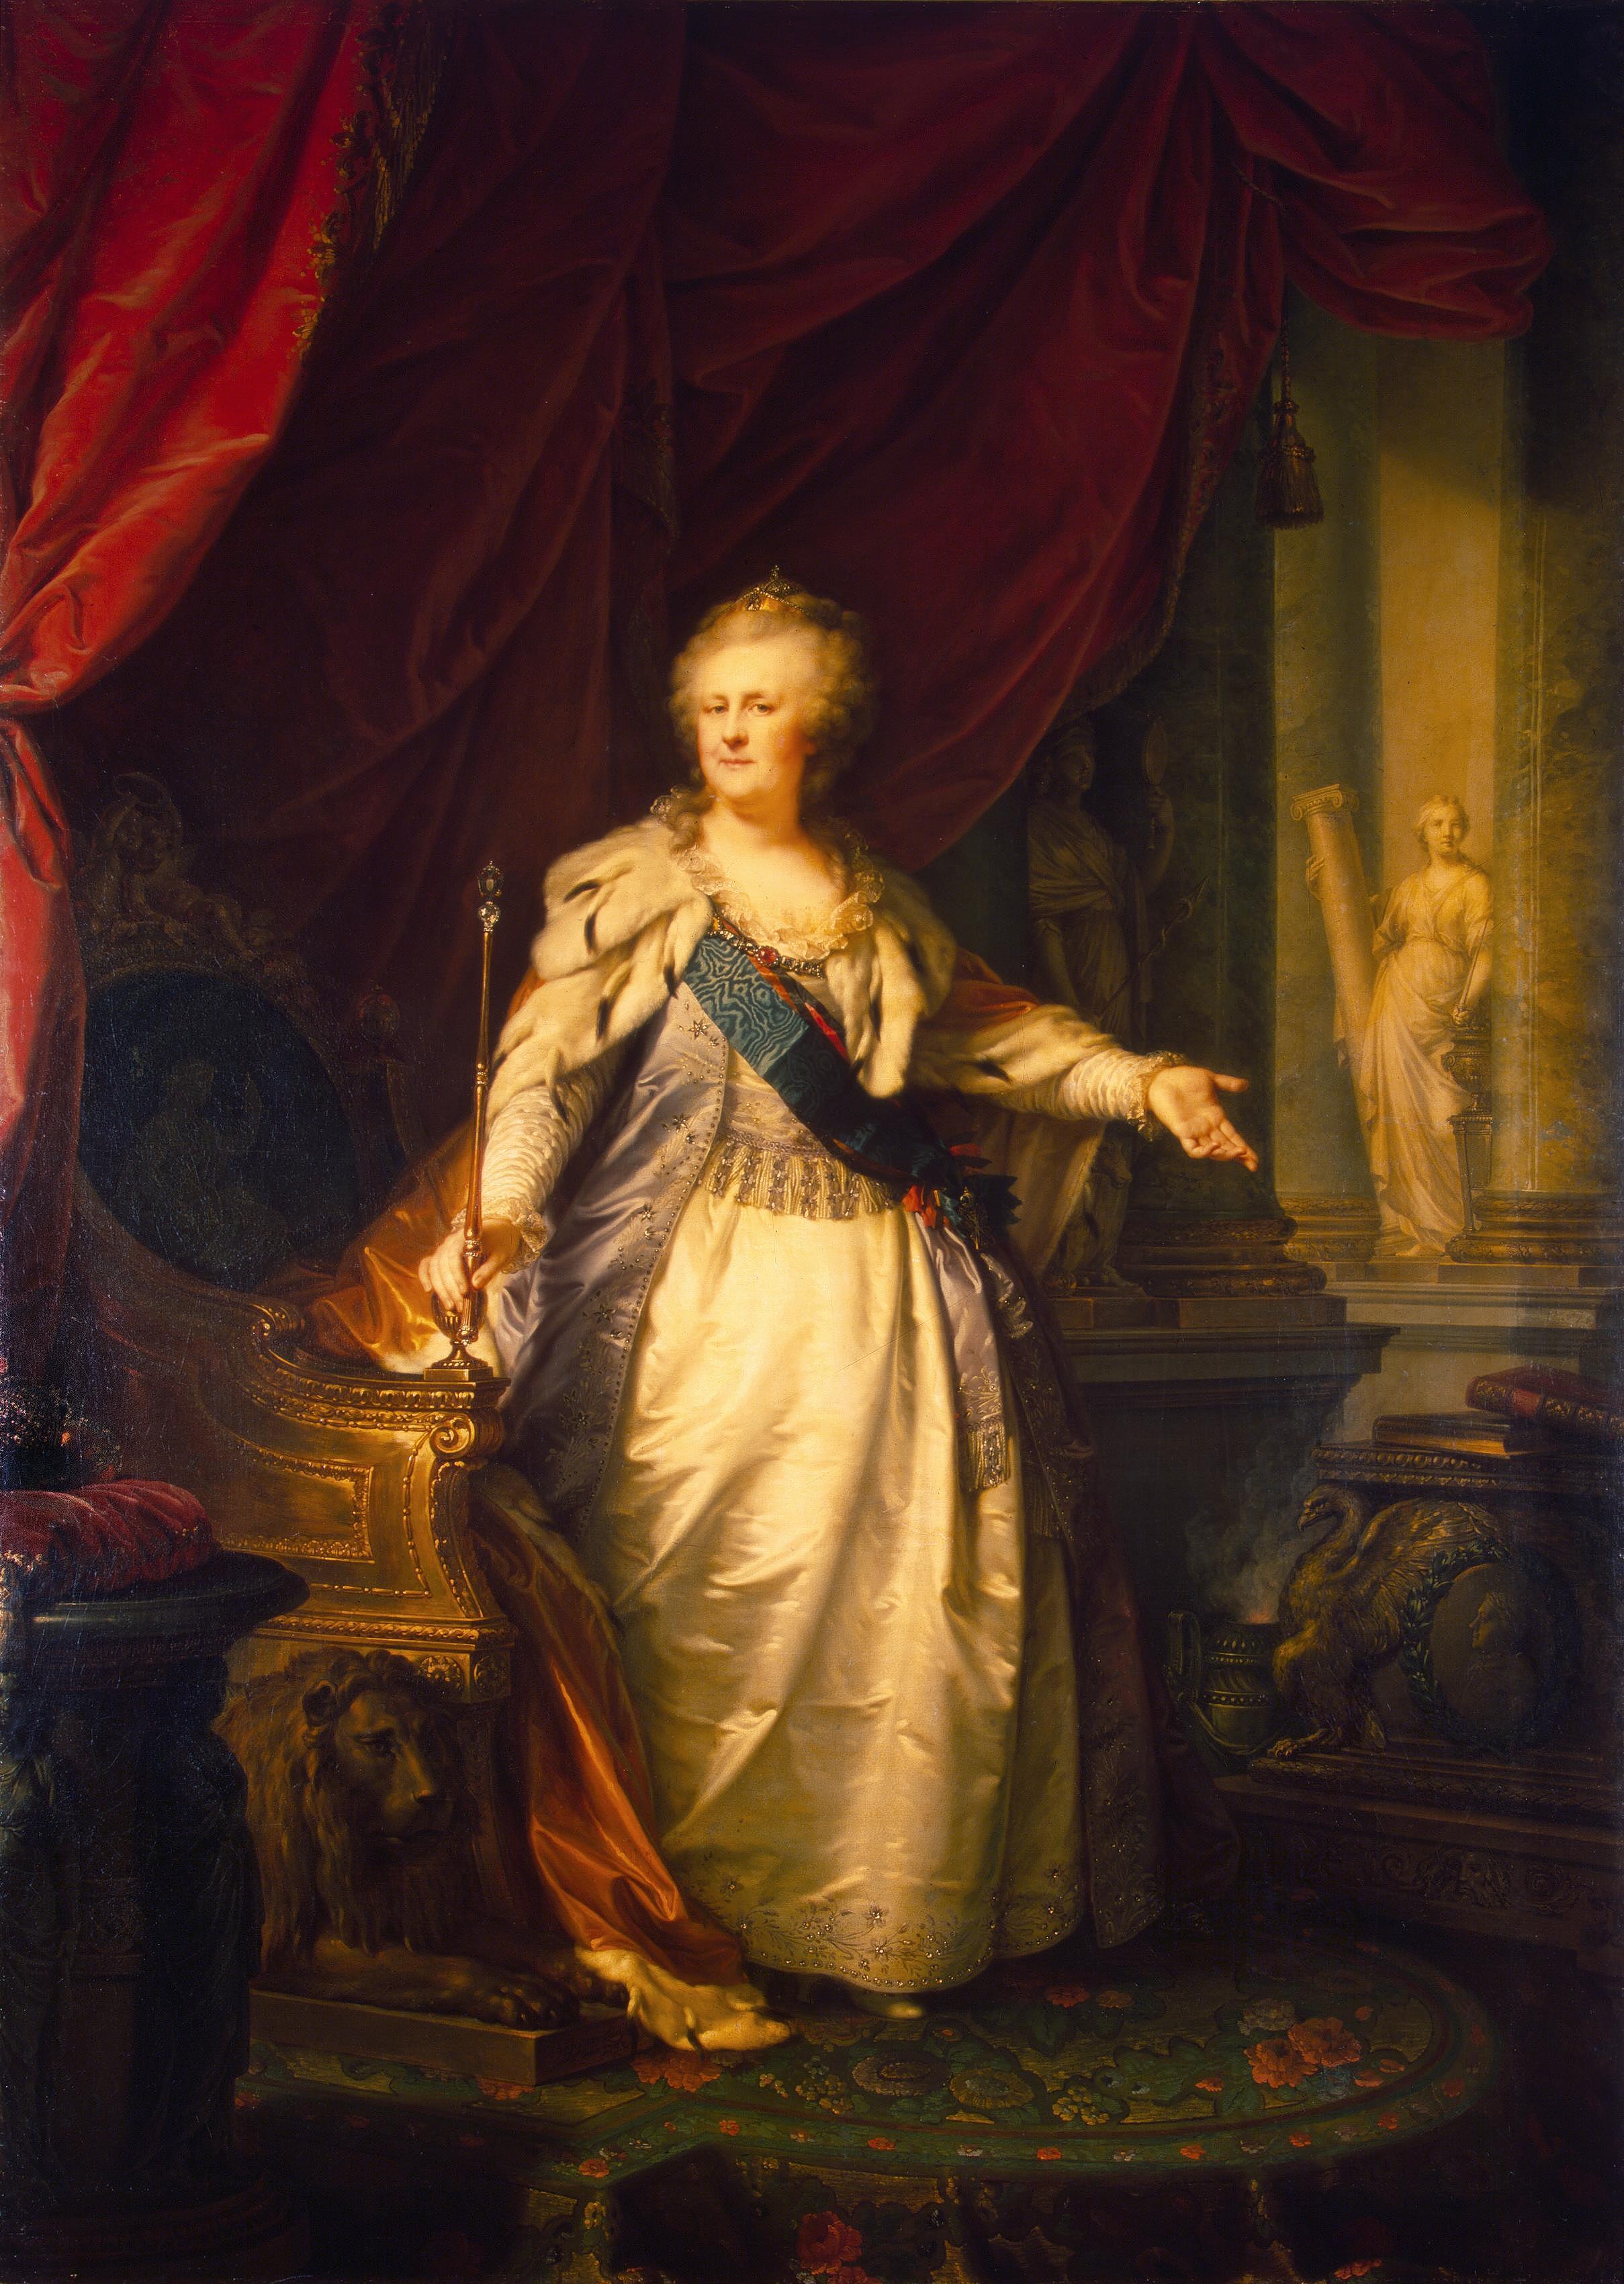 Catherine_II_by_J.B.Lampi_(1793%2C_Hermi